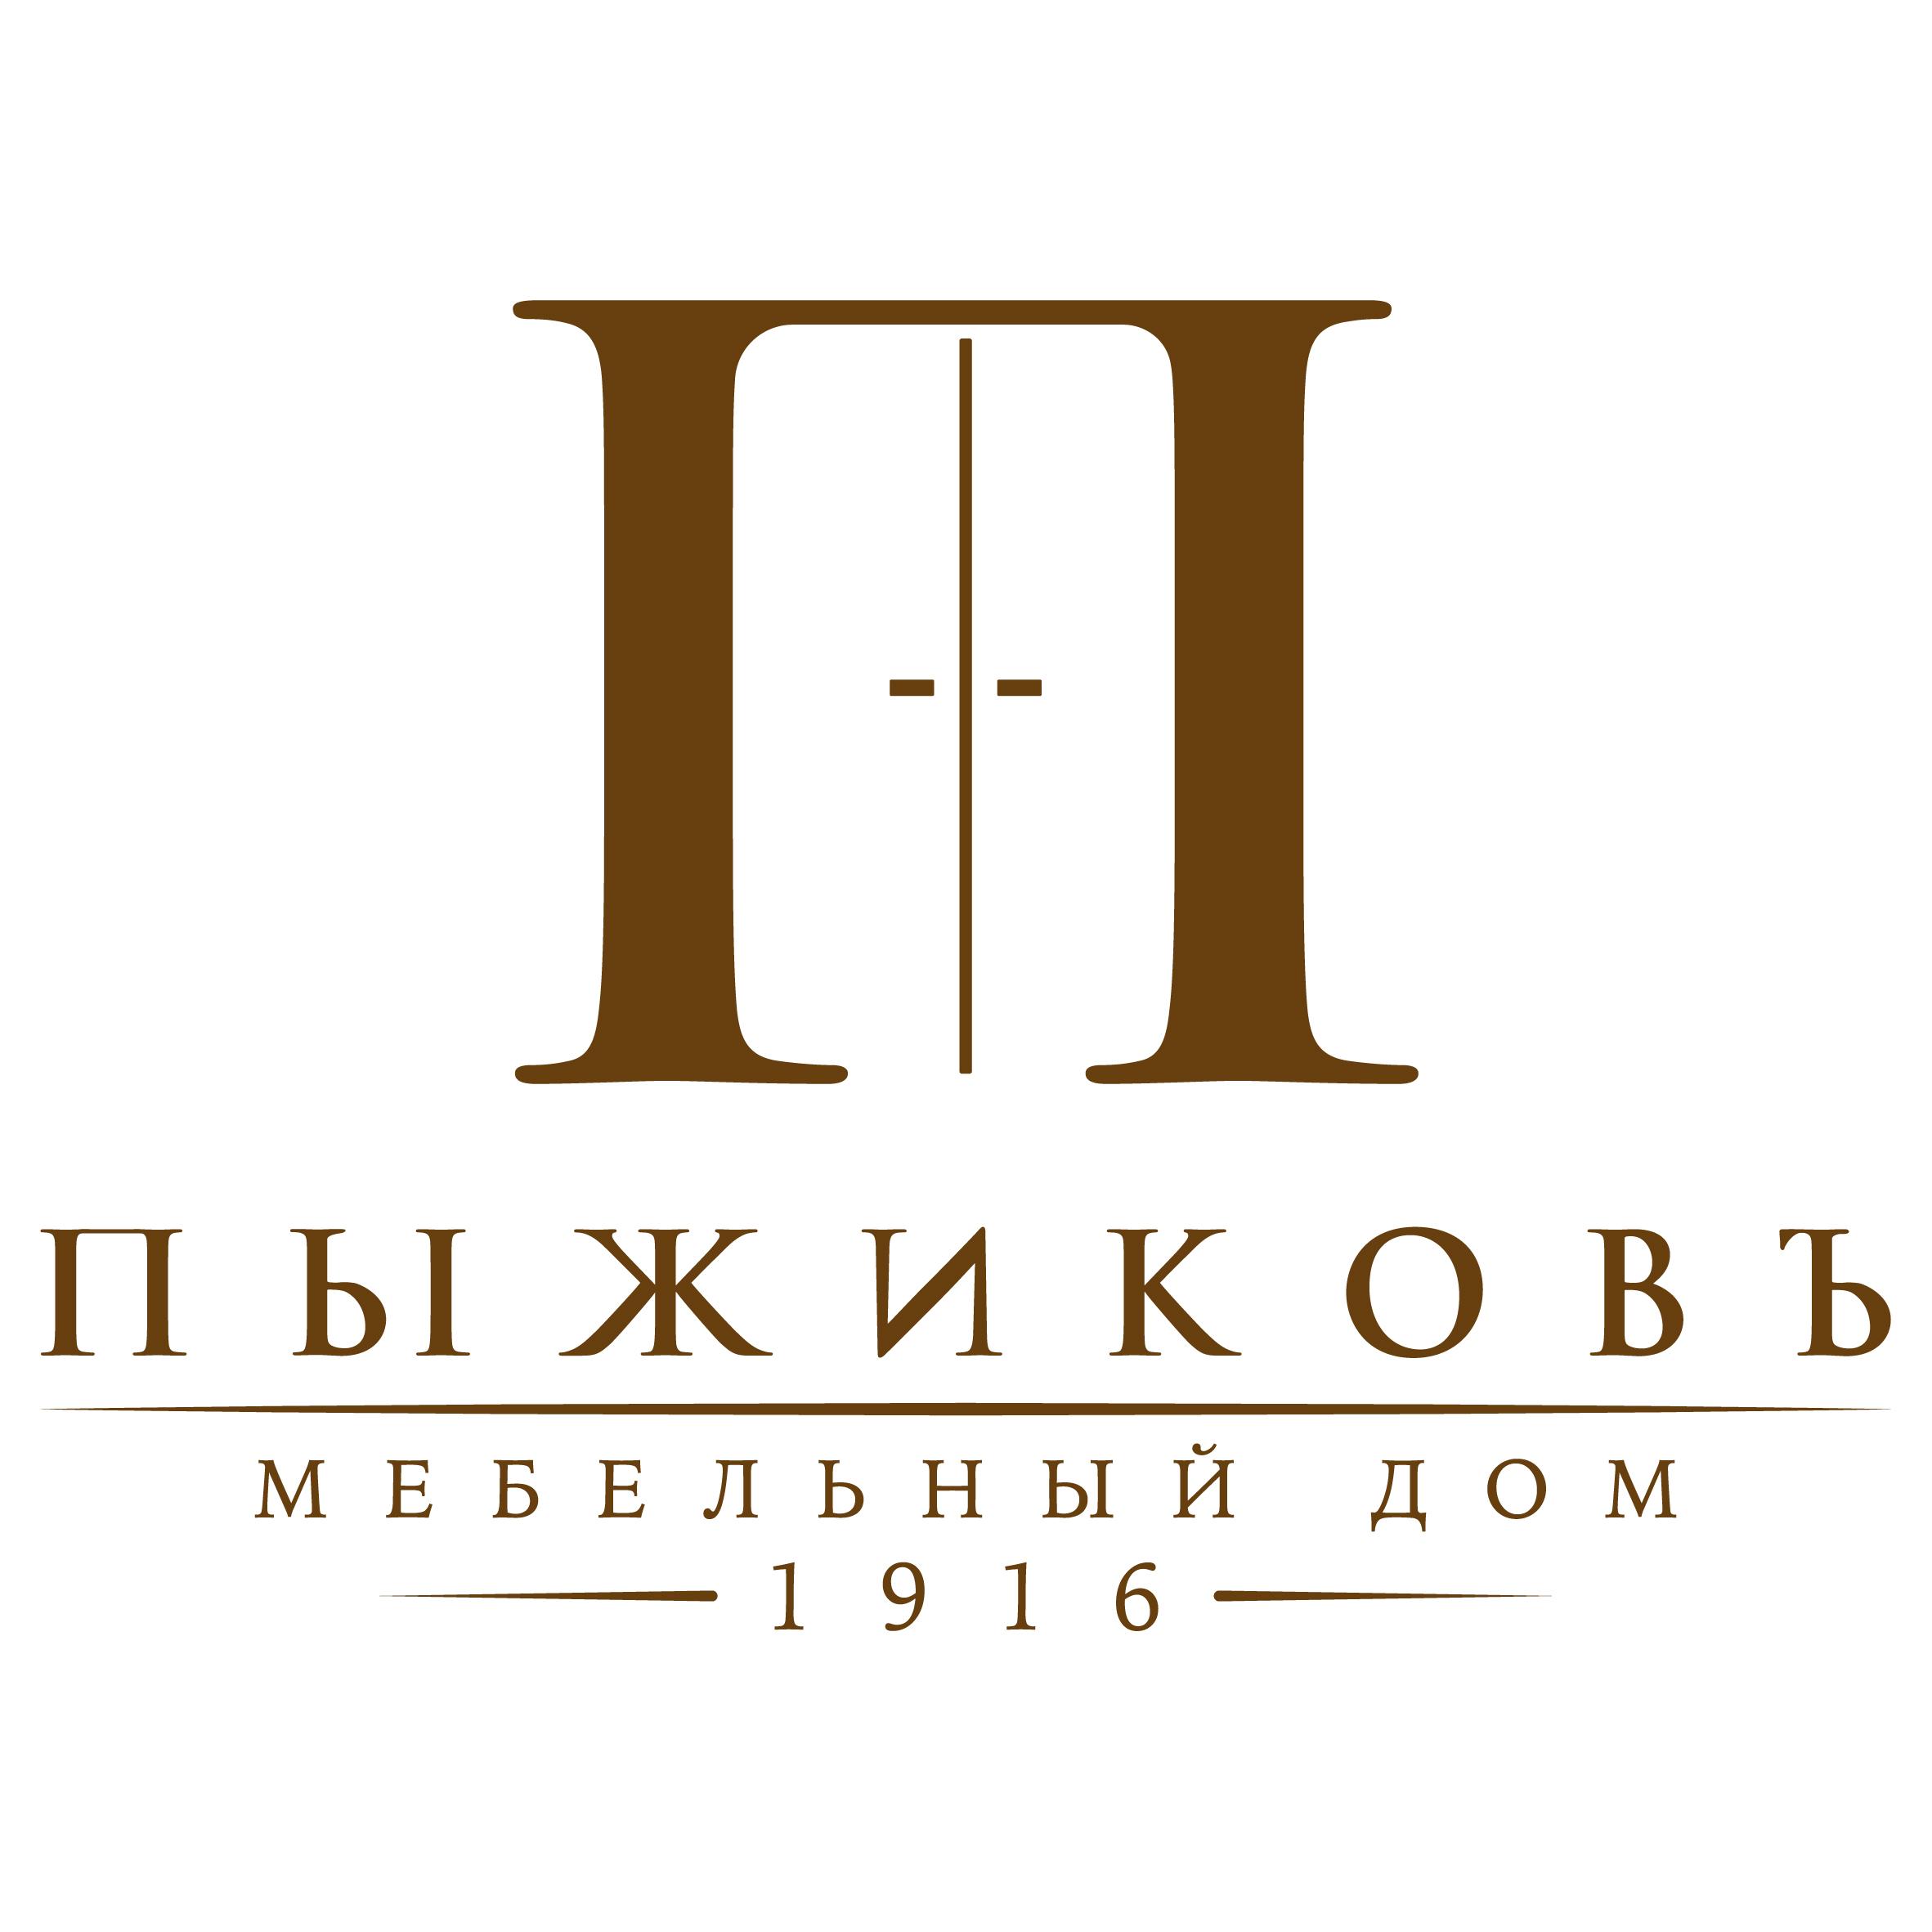 Работа в компании «МЕБЕЛЬНЫЙ ДОМ» в Москвы